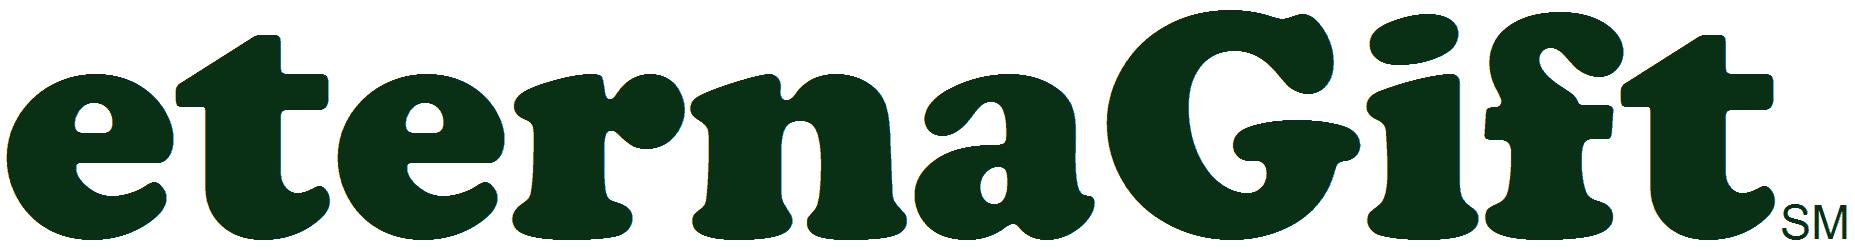 eG_logo_large